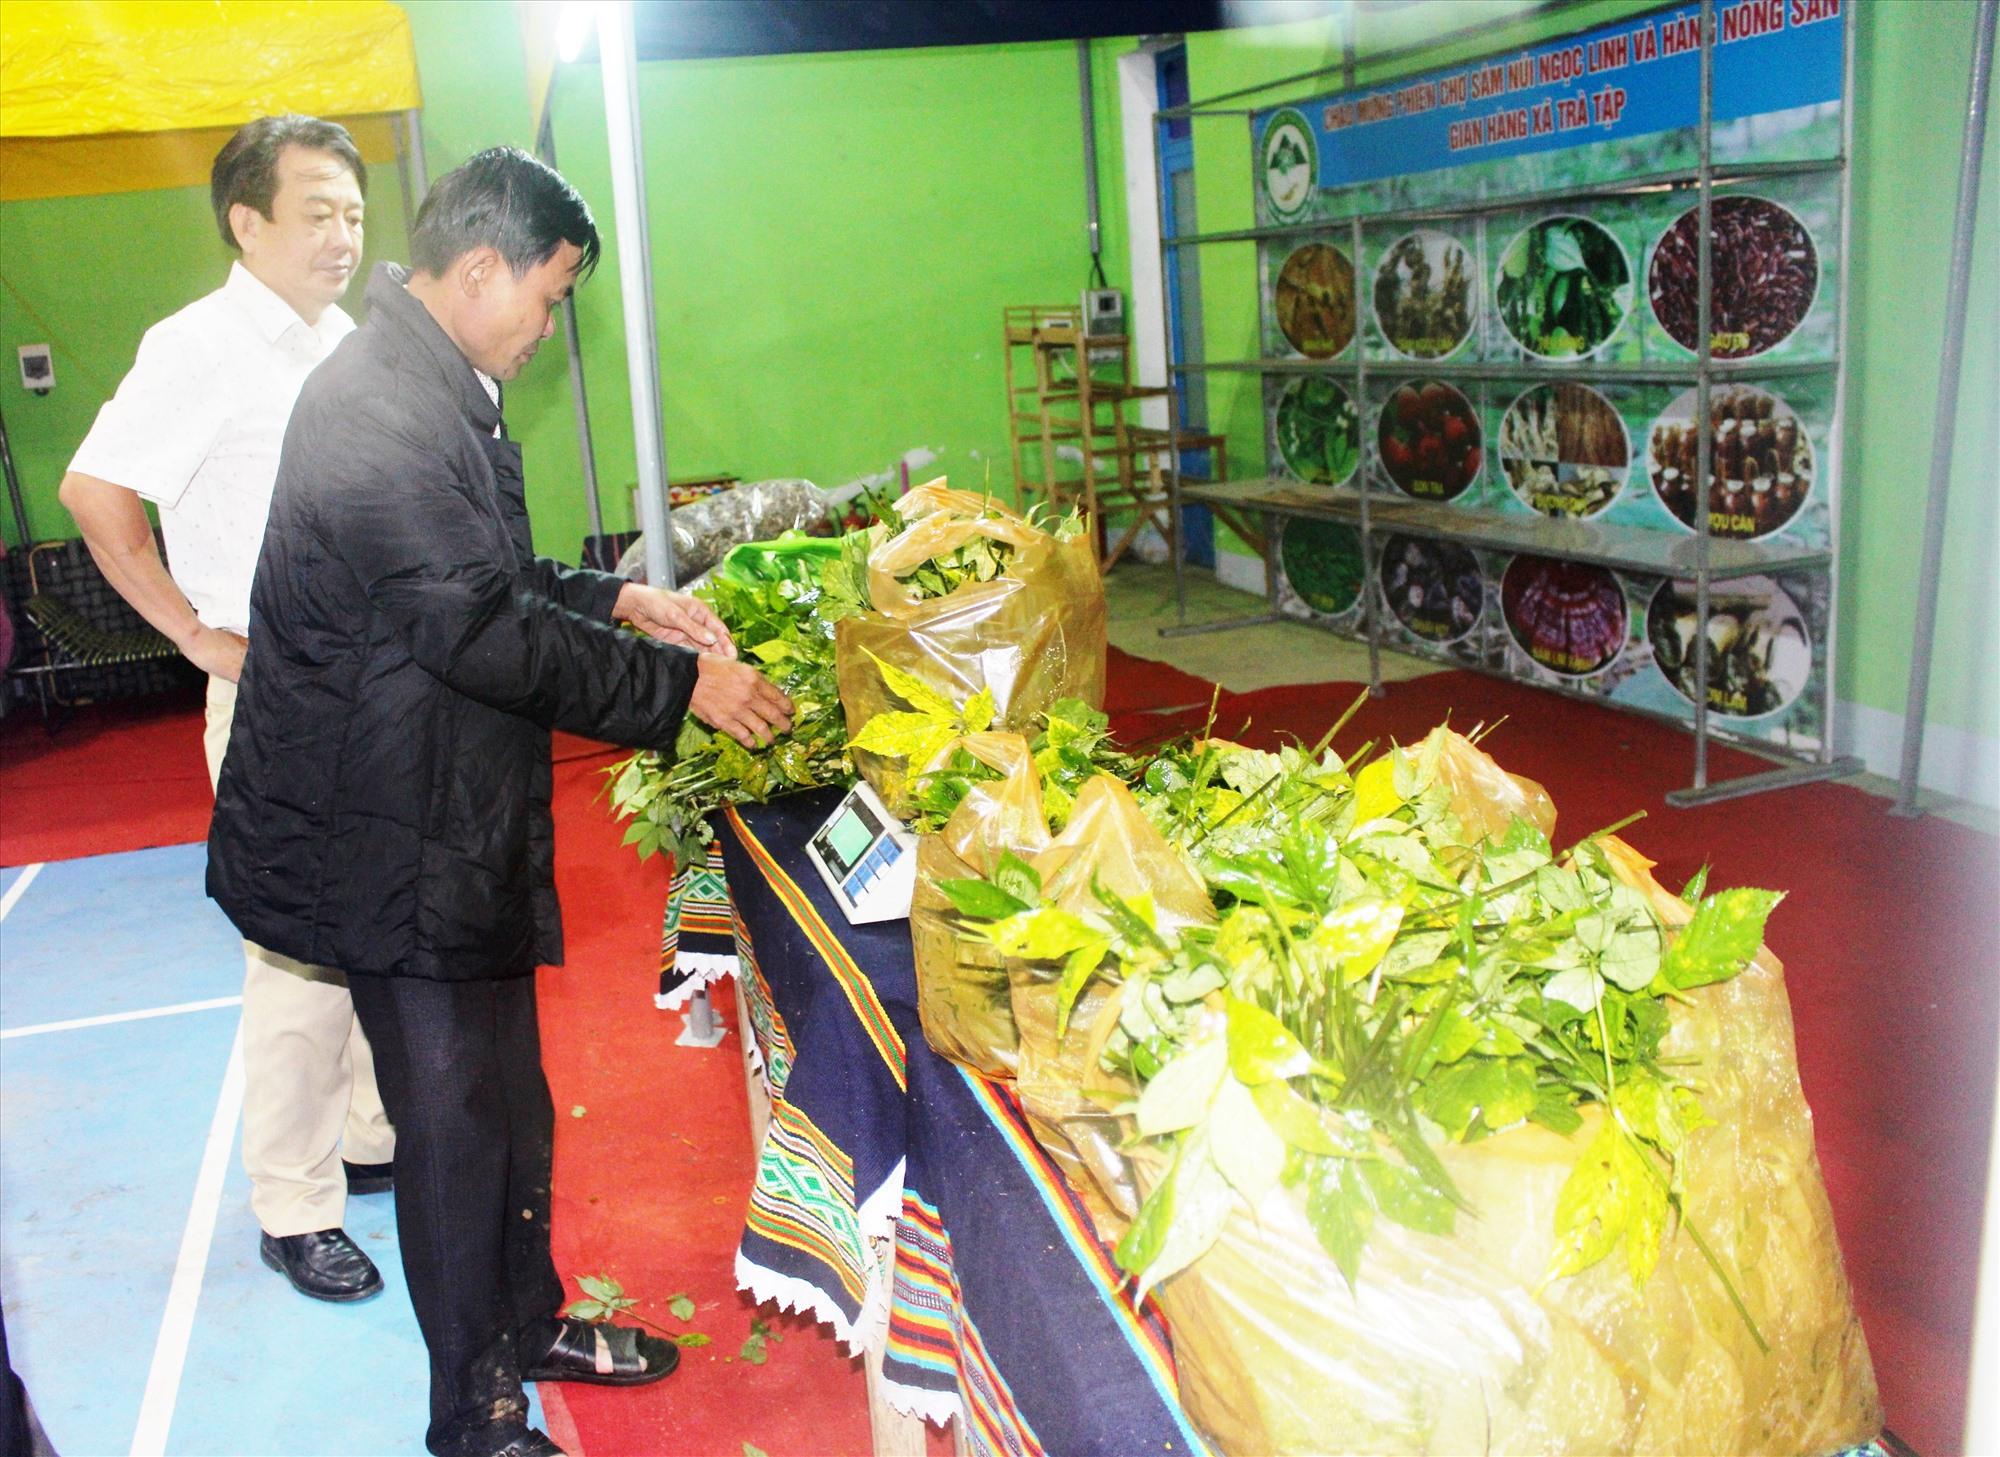 Lá sâm Ngọc Linh trở thành sản phẩm hàng hóa khá đắt được bán tại chợ sâm Ngọc Linh - Nam Trà My. Ảnh: HOÀNG LIÊN